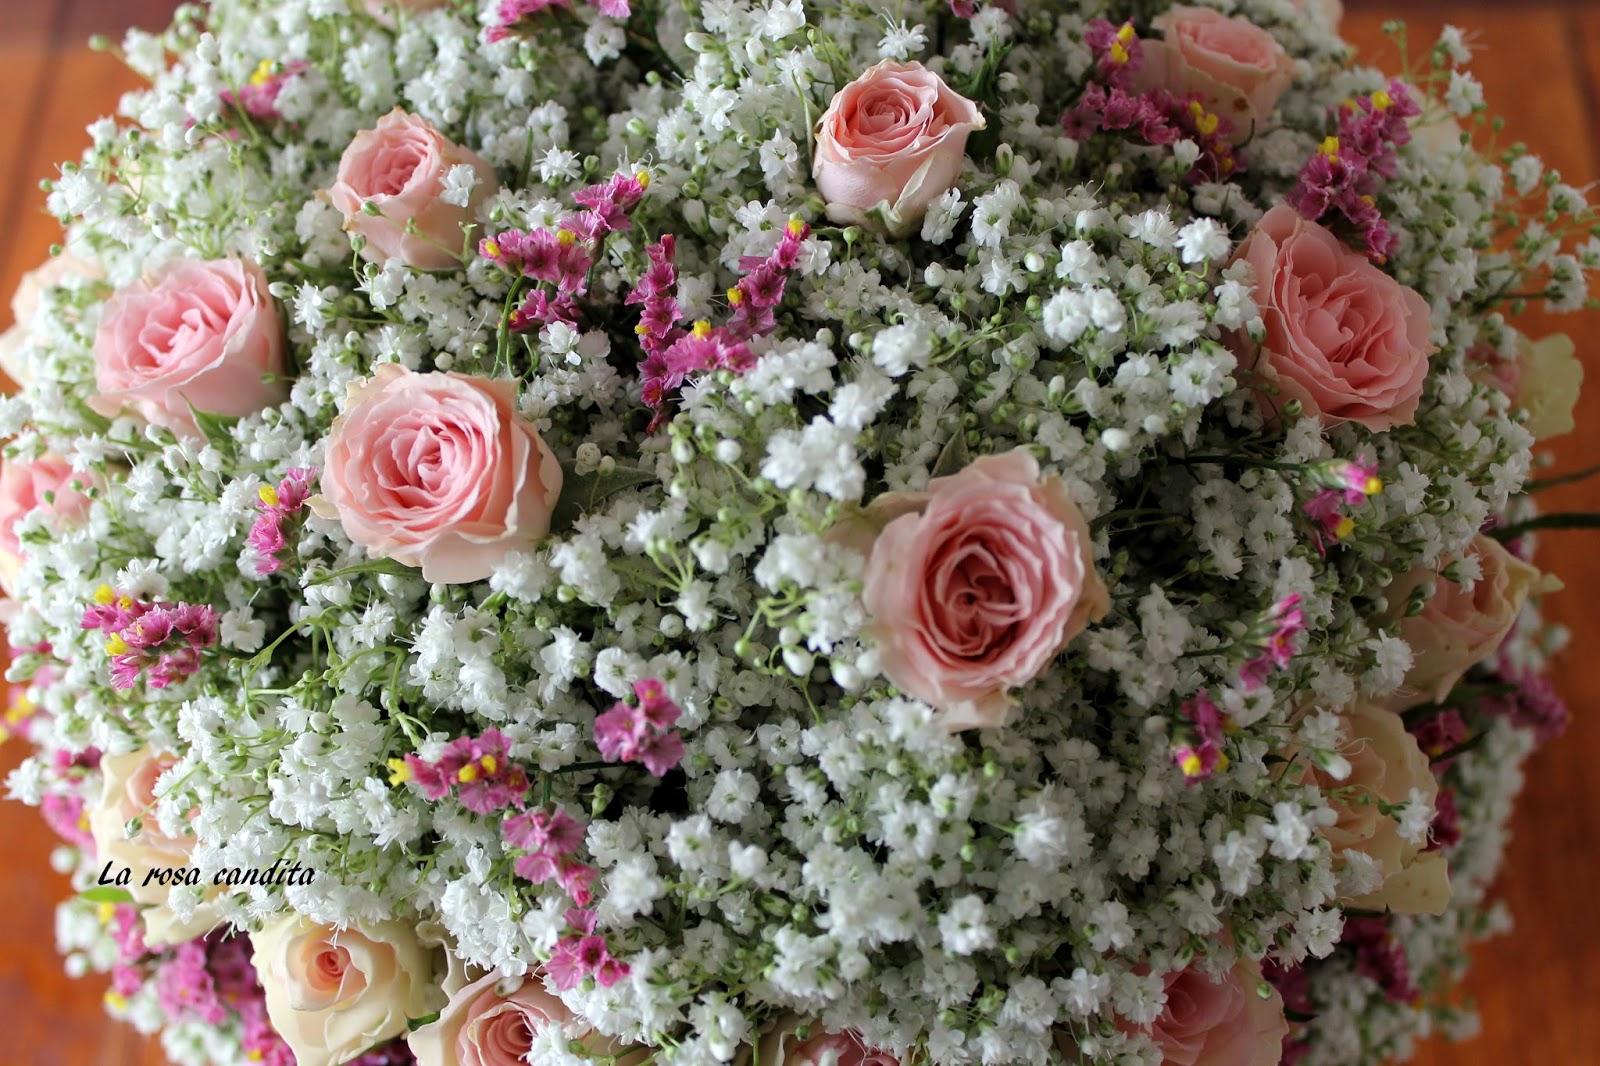 Preferenza La rosa candita: 2015 QU71